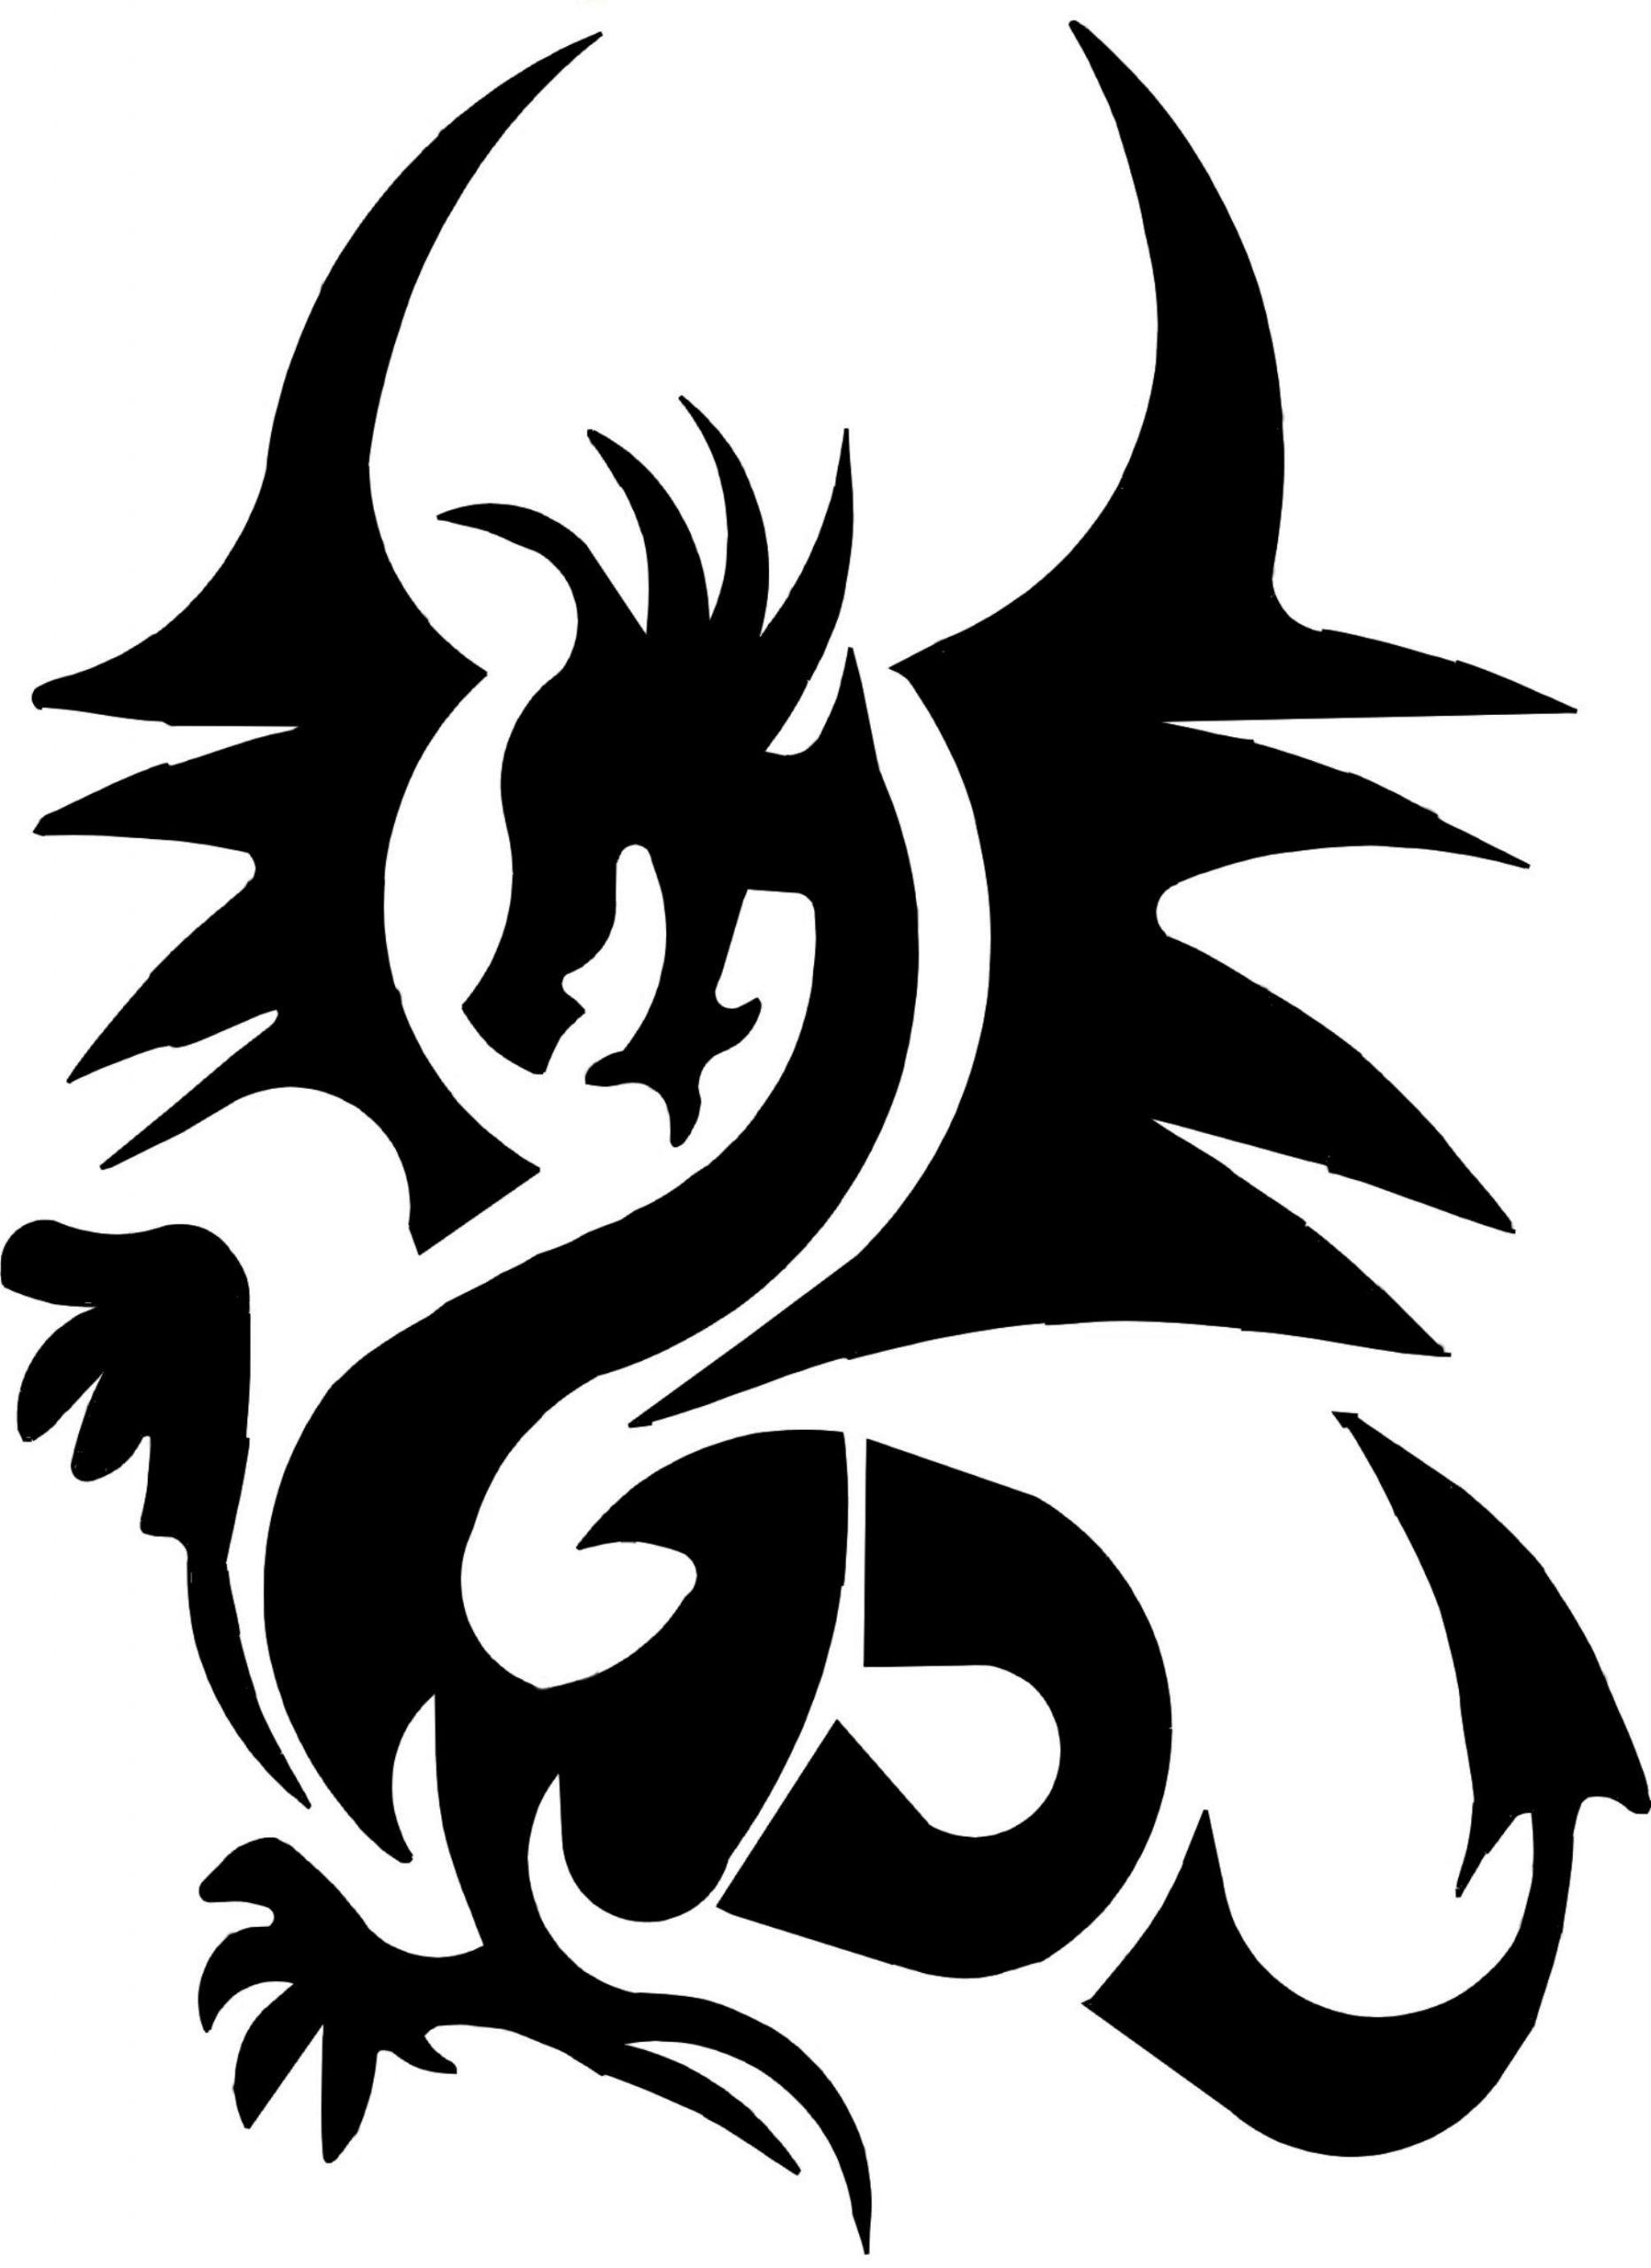 Stencil Drache | Henna Tattoo Stencils, Airbrush Art, Tattoo über Airbrush Schablonen Ausdrucken